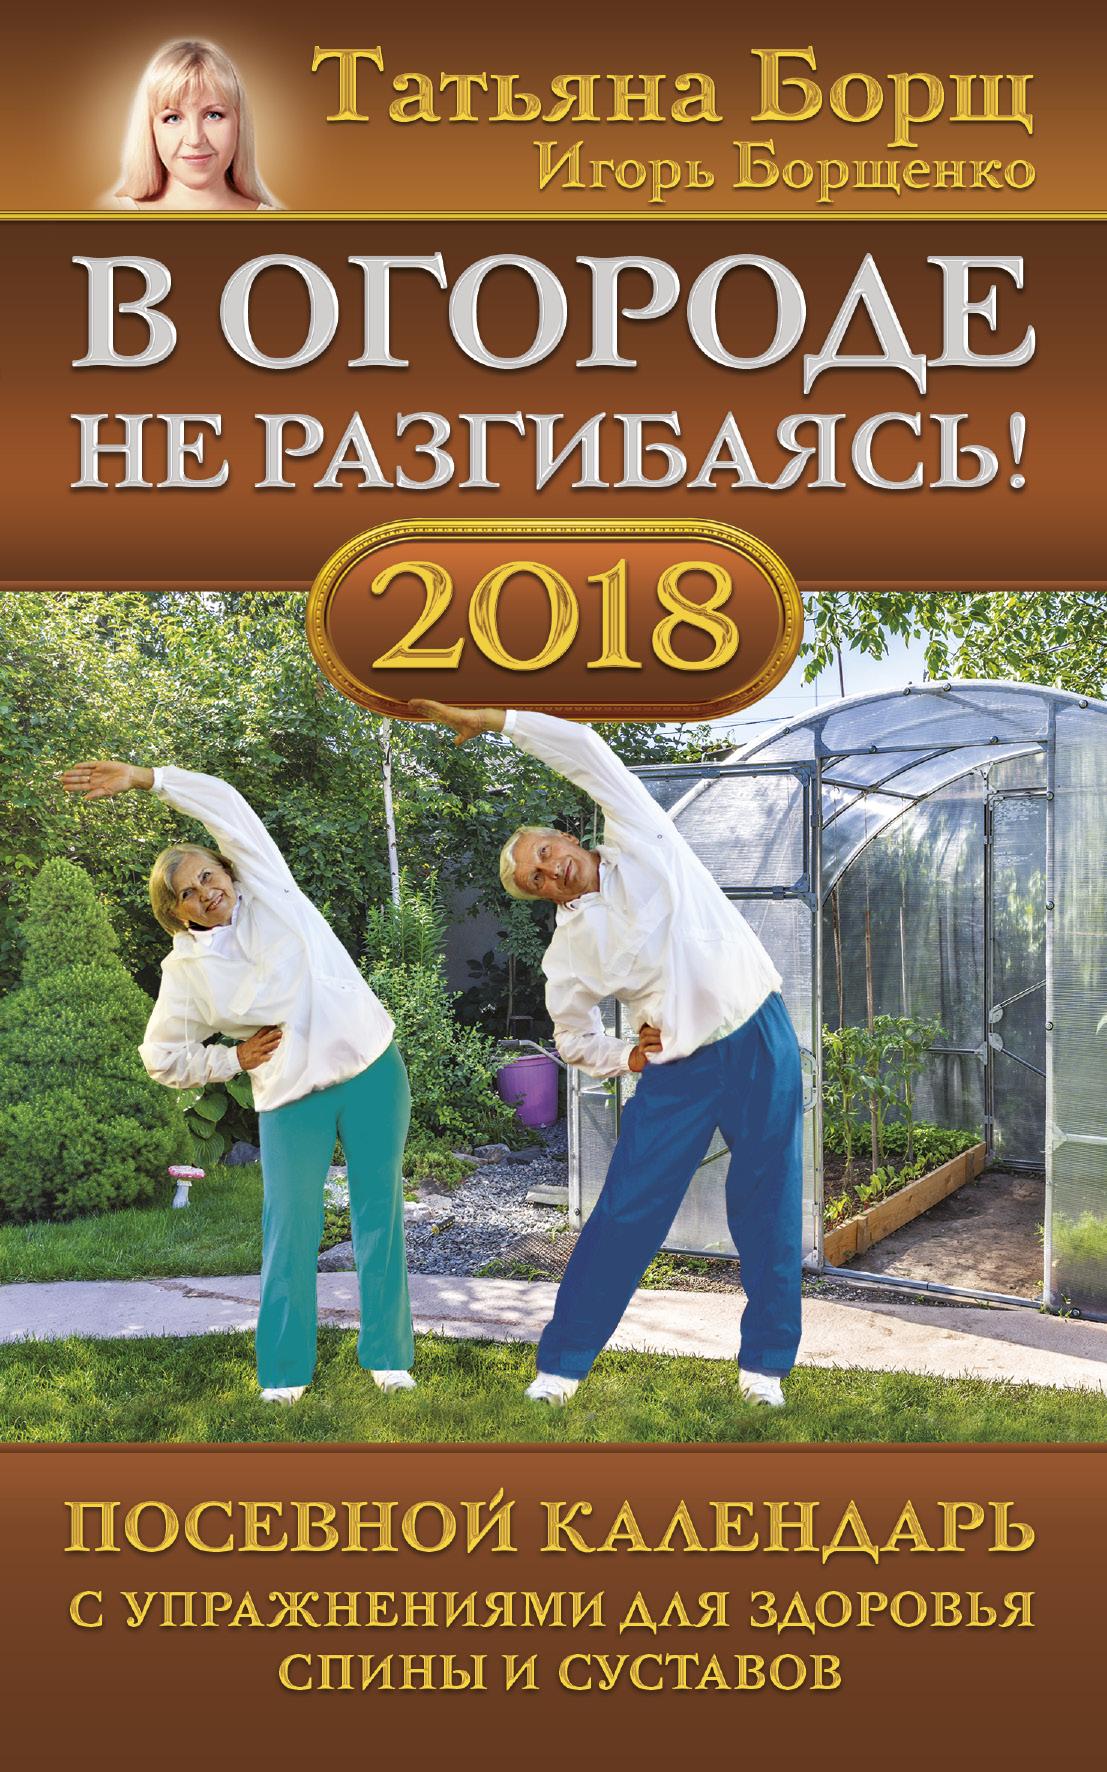 Борщ Т., Борщенко И.А. В огороде не разгибаясь! Посевной календарь на 2018 год с упражнениями для здоровья спины и суставов